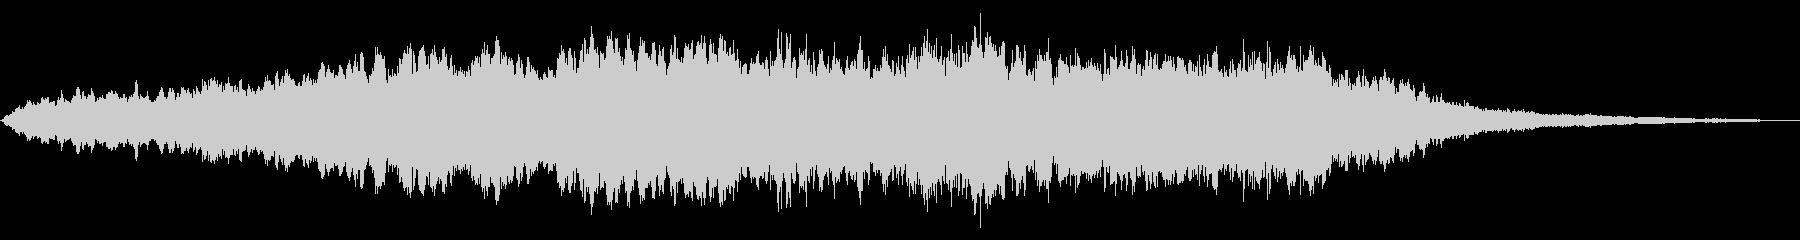 合唱団のドローンは、安定した離調で...の未再生の波形